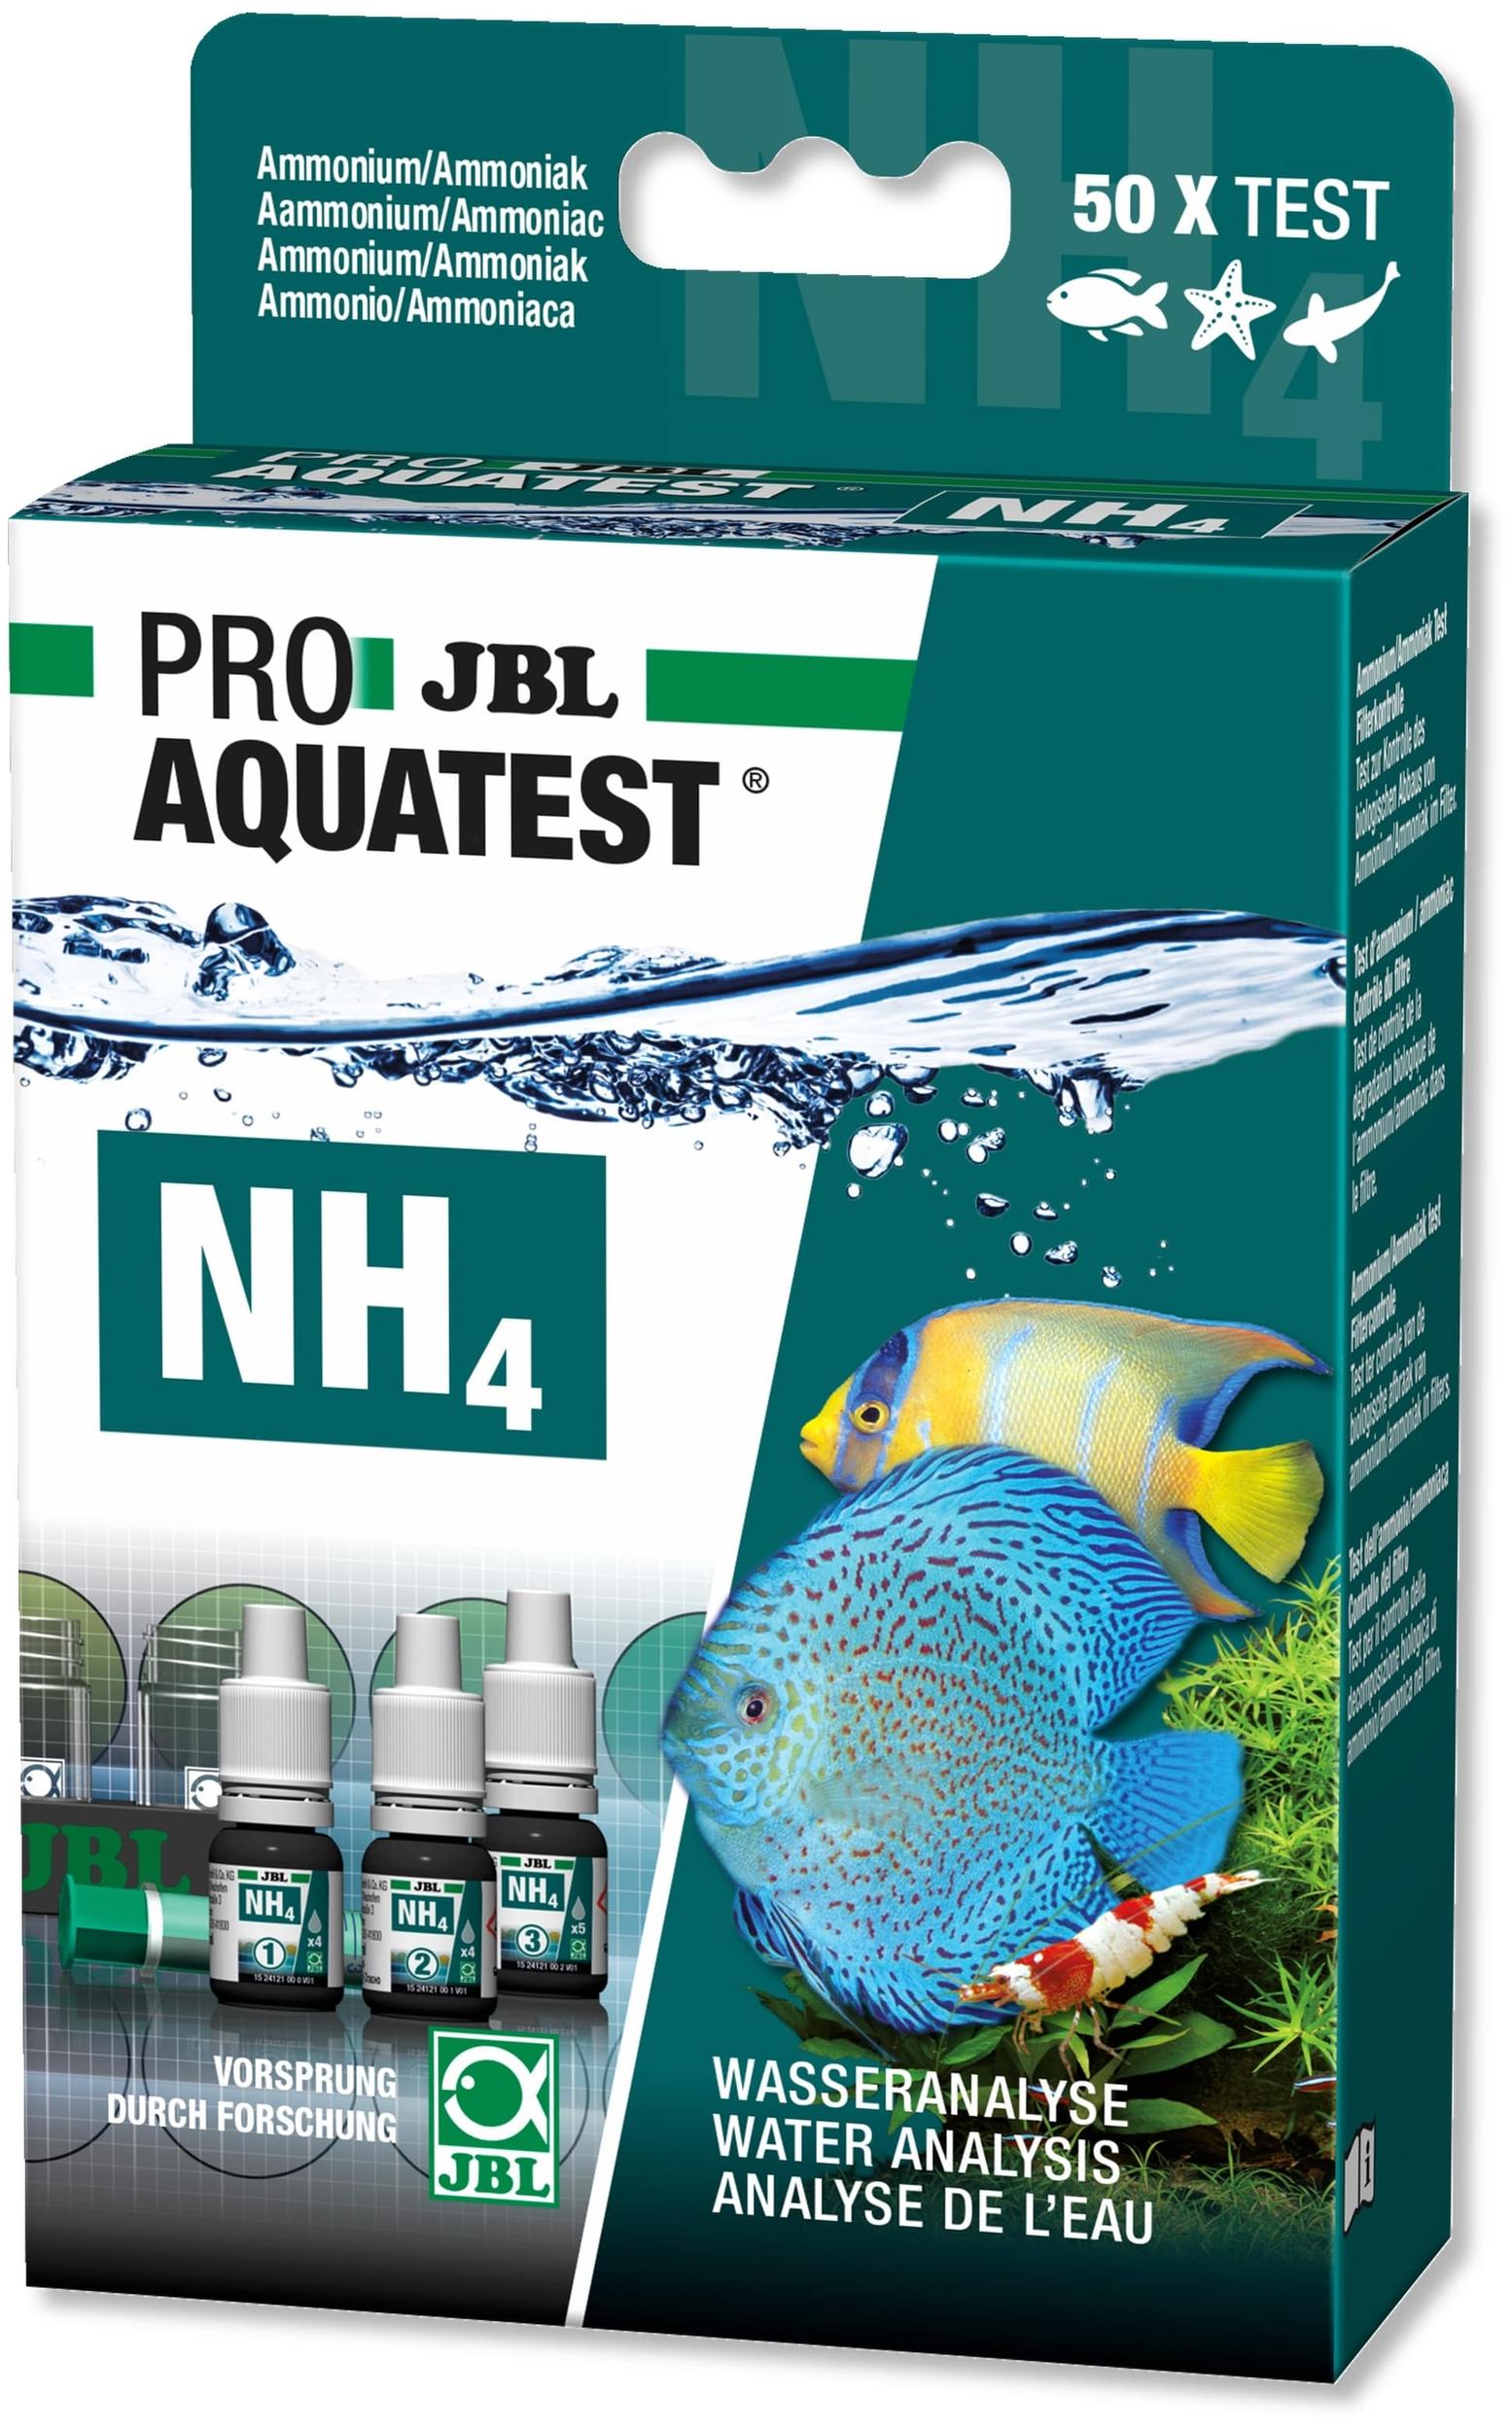 JBL ProAquaTest NH4 test Ammonium/Ammoniaque pour aquarium d\'eau douce, eau de mer et bassin